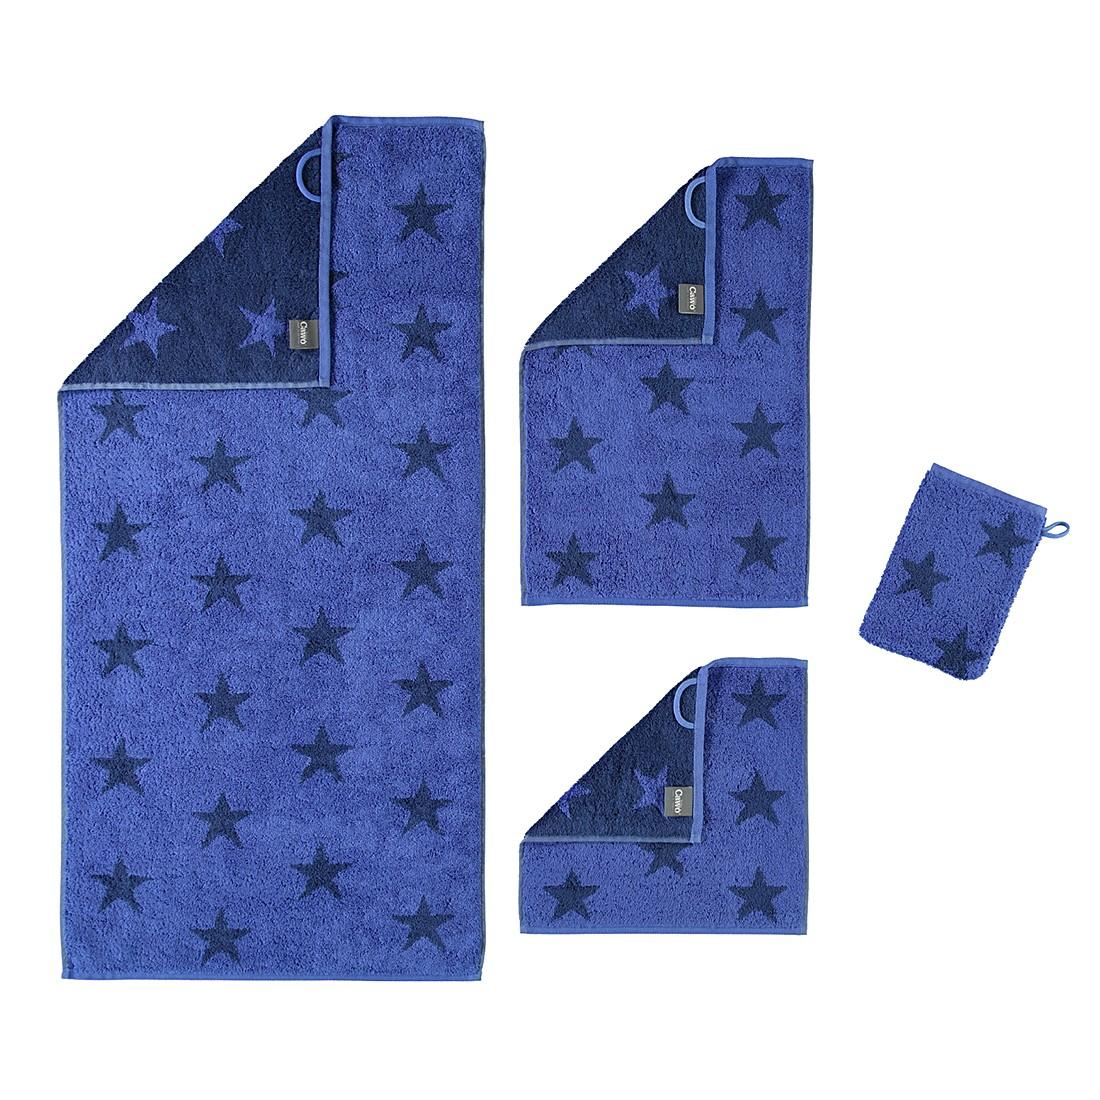 handt cher stars 525 baumwolle blau waschhandschuh 16x22 cm caw g nstig kaufen. Black Bedroom Furniture Sets. Home Design Ideas